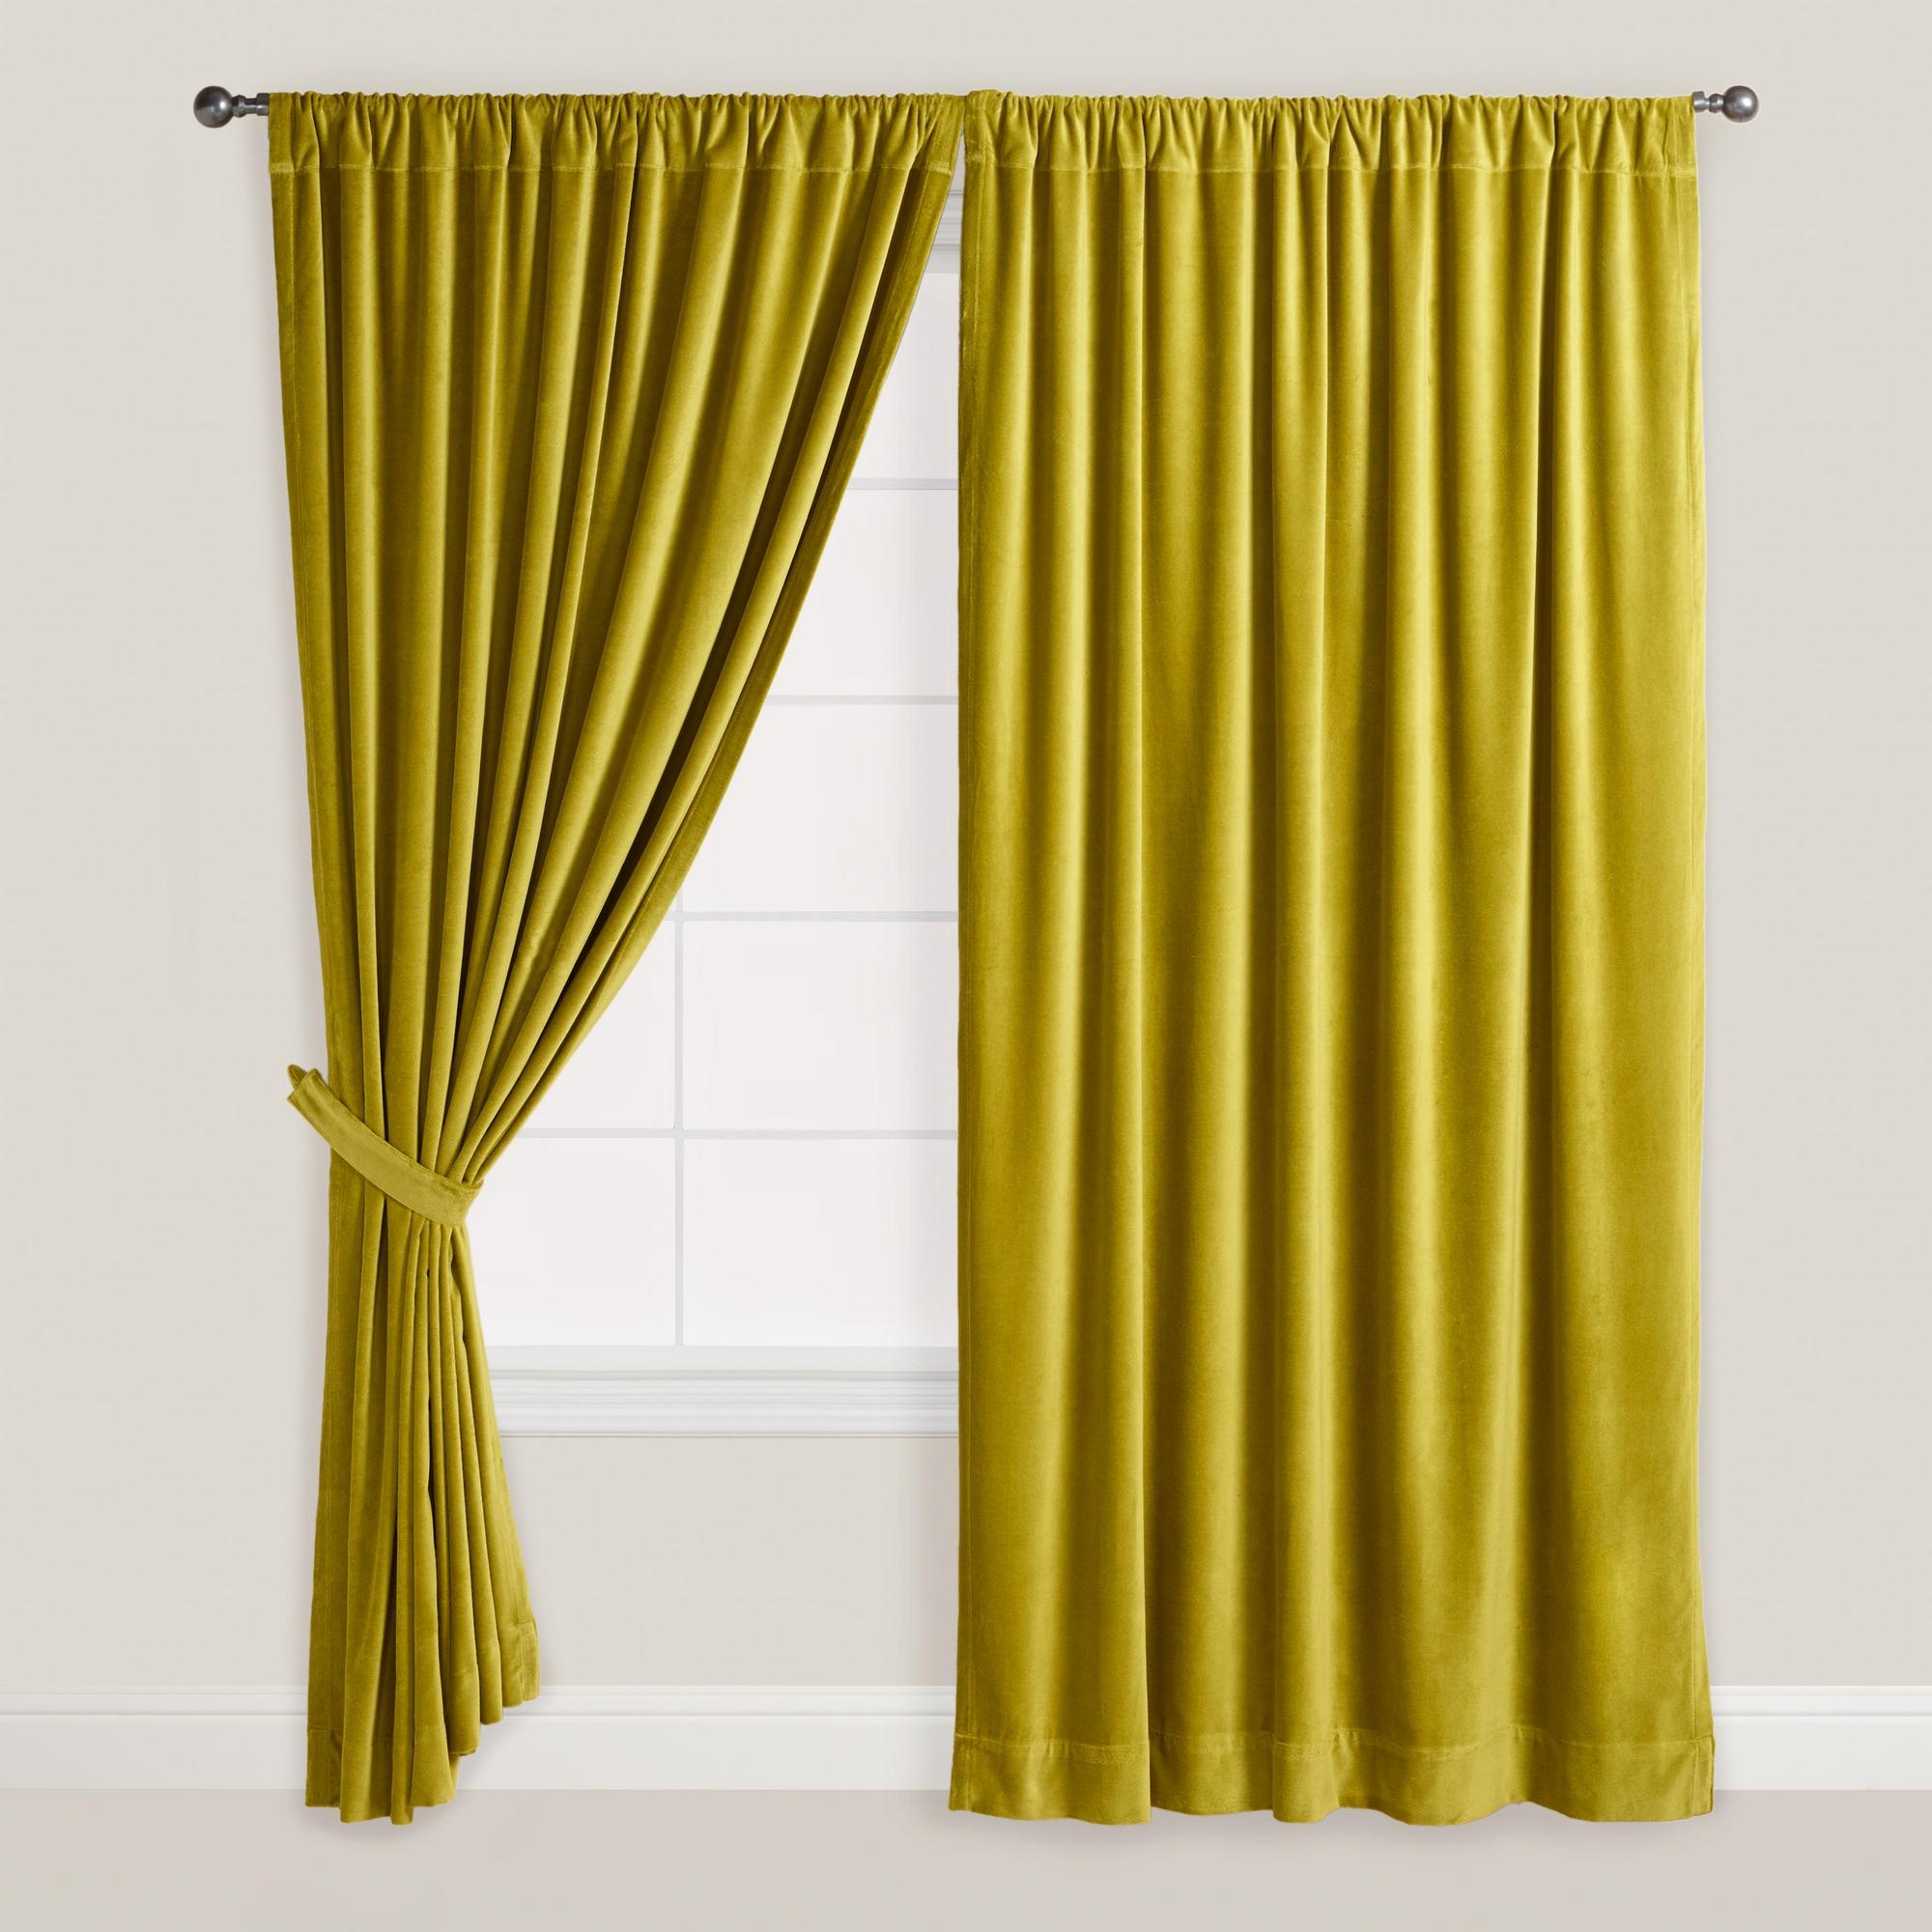 Living Room Velvet Ready Made Eyelet Curtains Grey With Velvet With Velveteen Curtains (View 13 of 15)